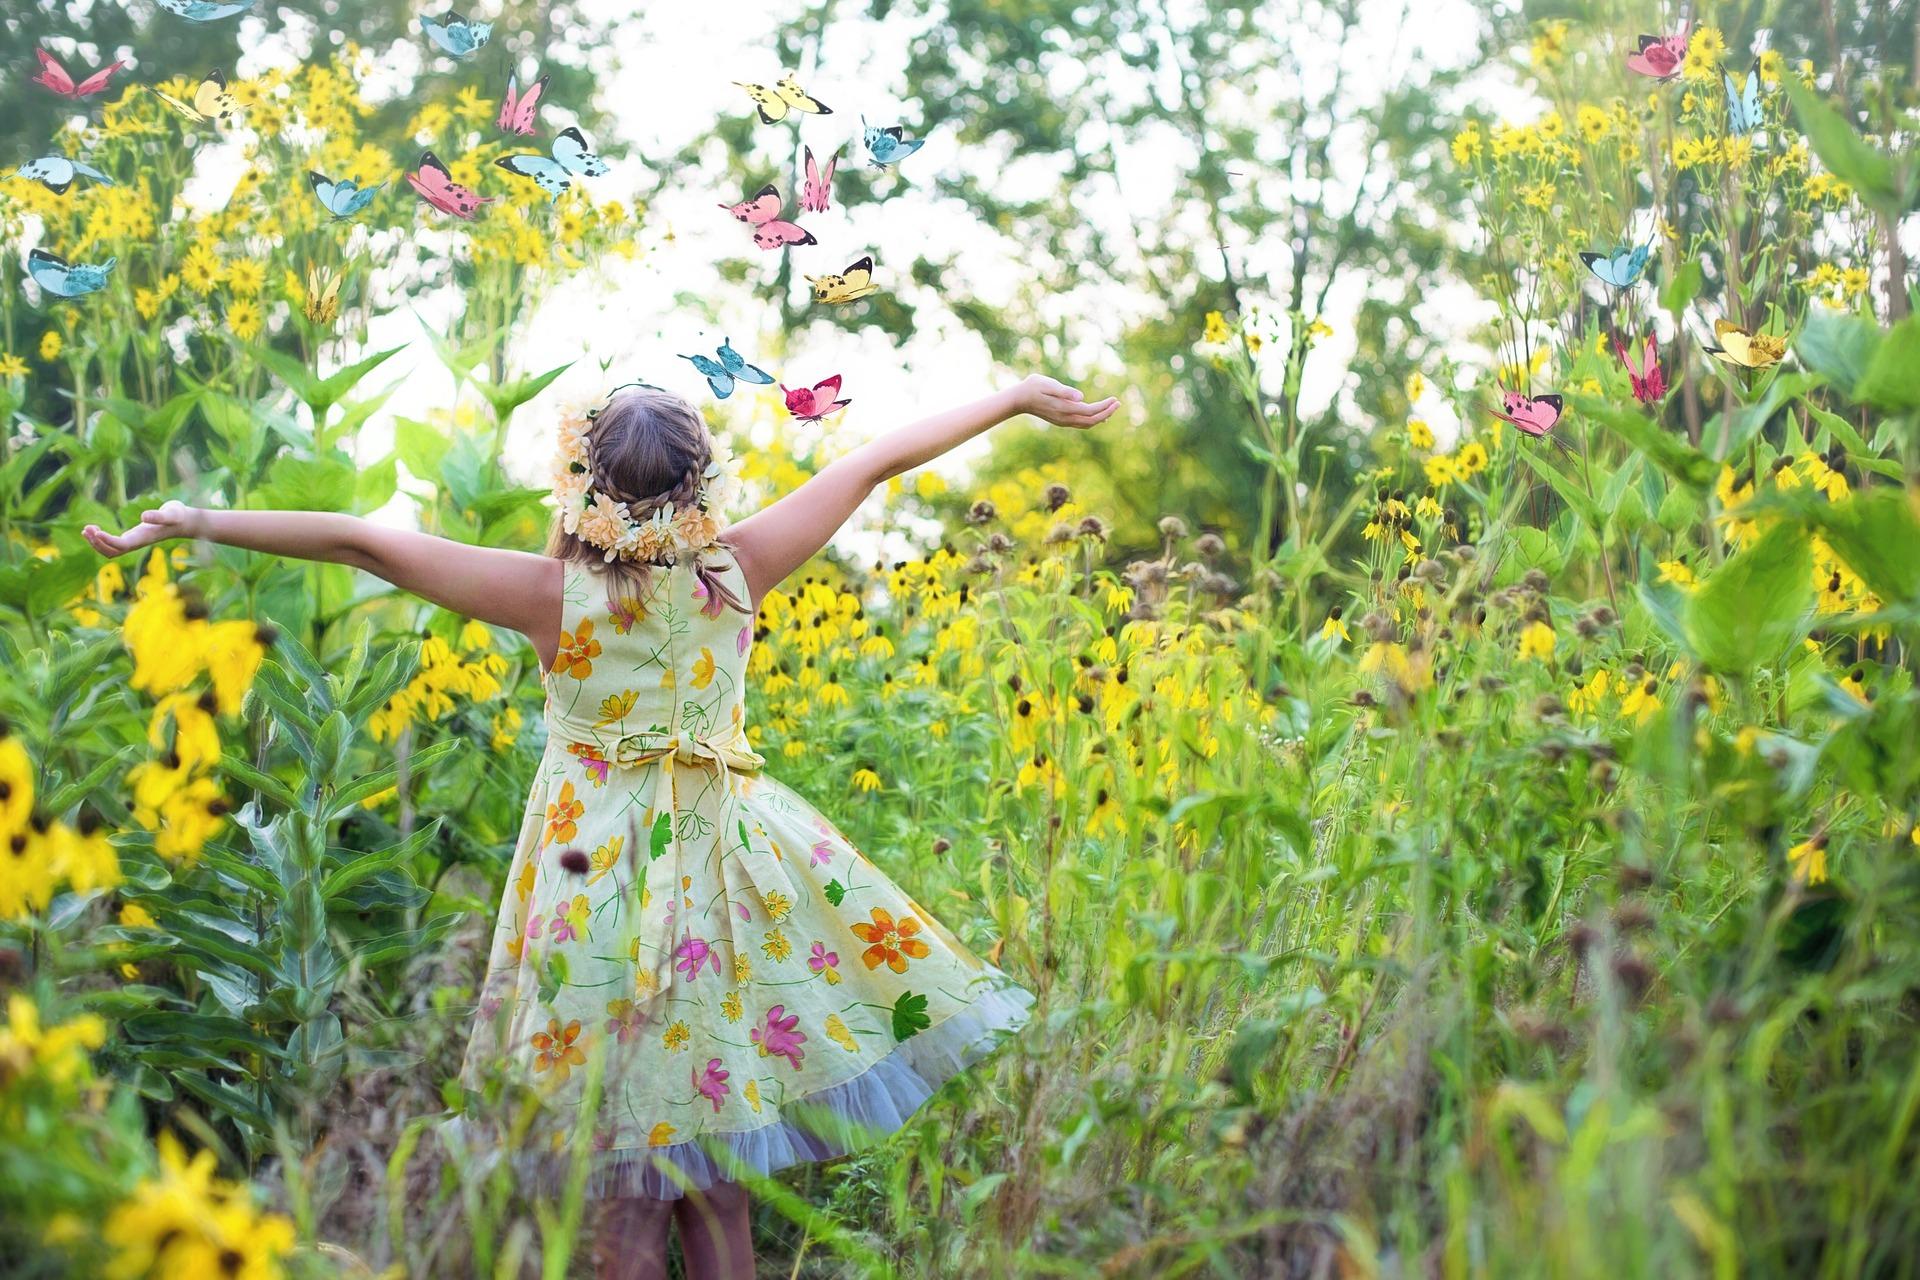 El confinamiento puede ser divertido con jardinería y niños